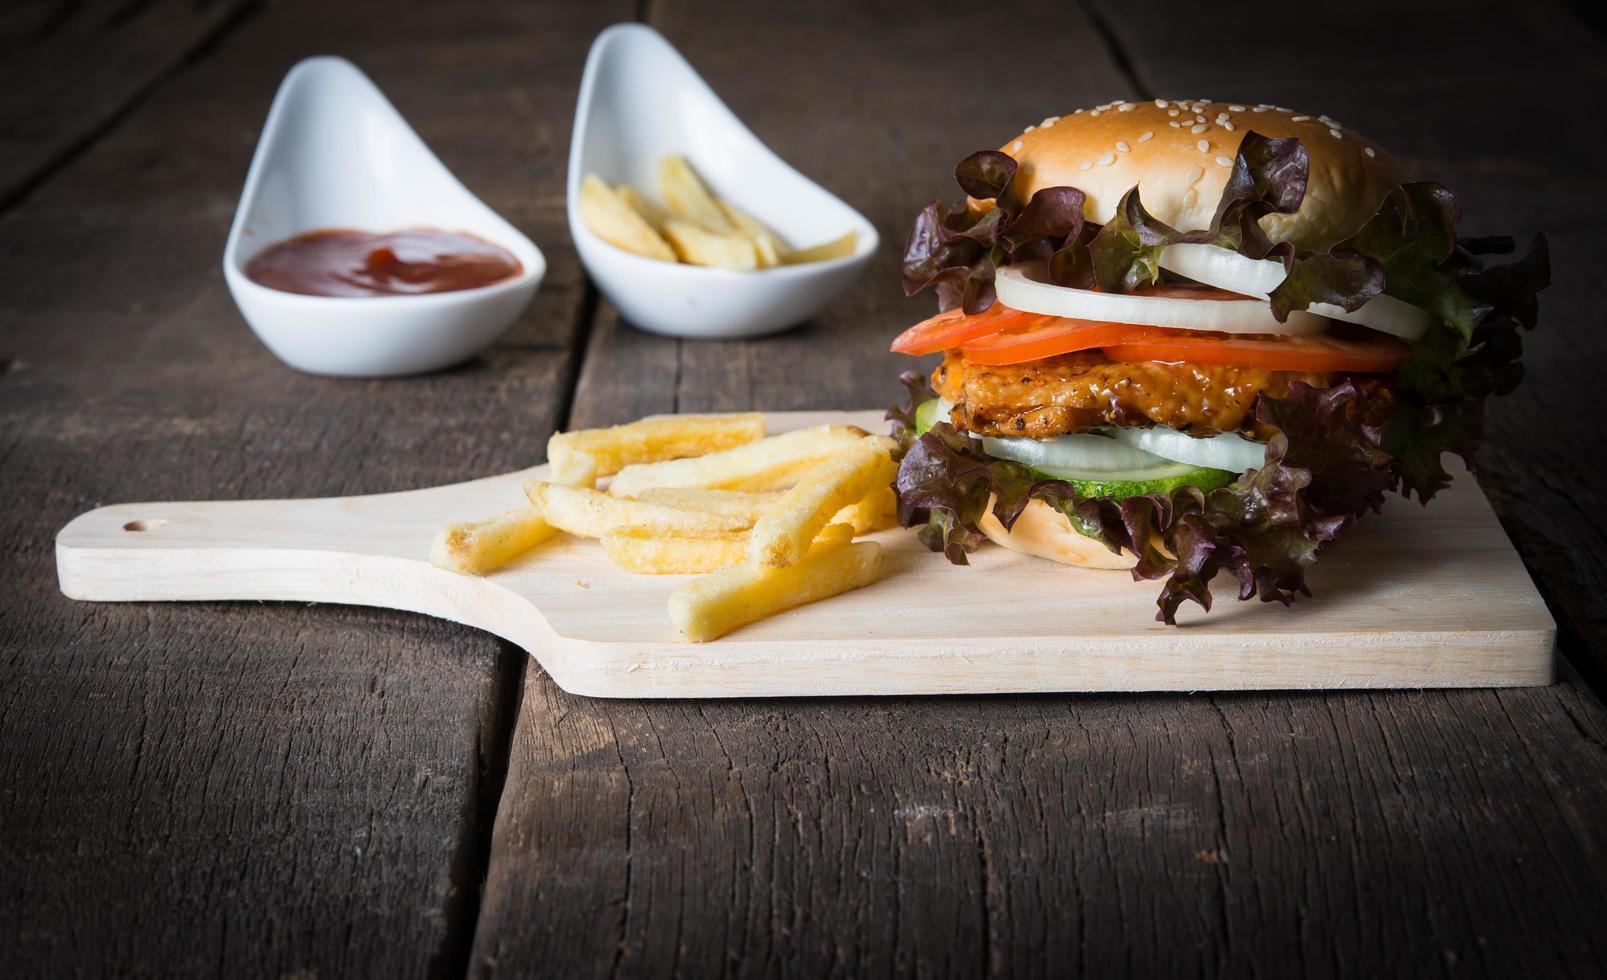 rústica hamburguesa casera y papas fritas con salsa de tomate foto